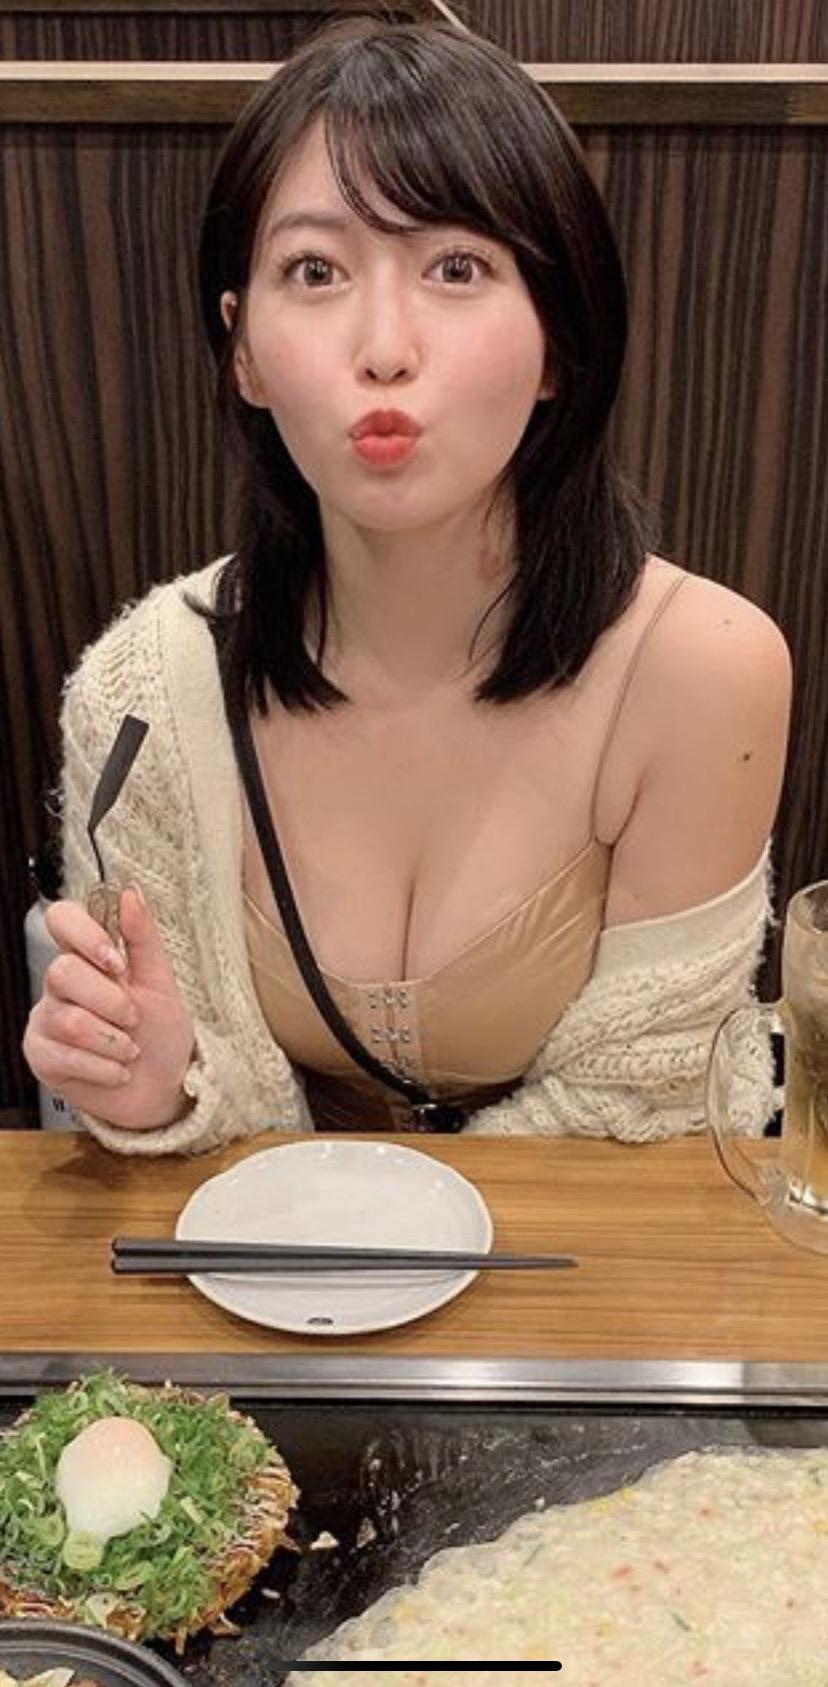 【画像】どスケベな姿でお好みを食べる女、発見される。おいおいもうベッドという鉄板の上で遊ぼうぜw